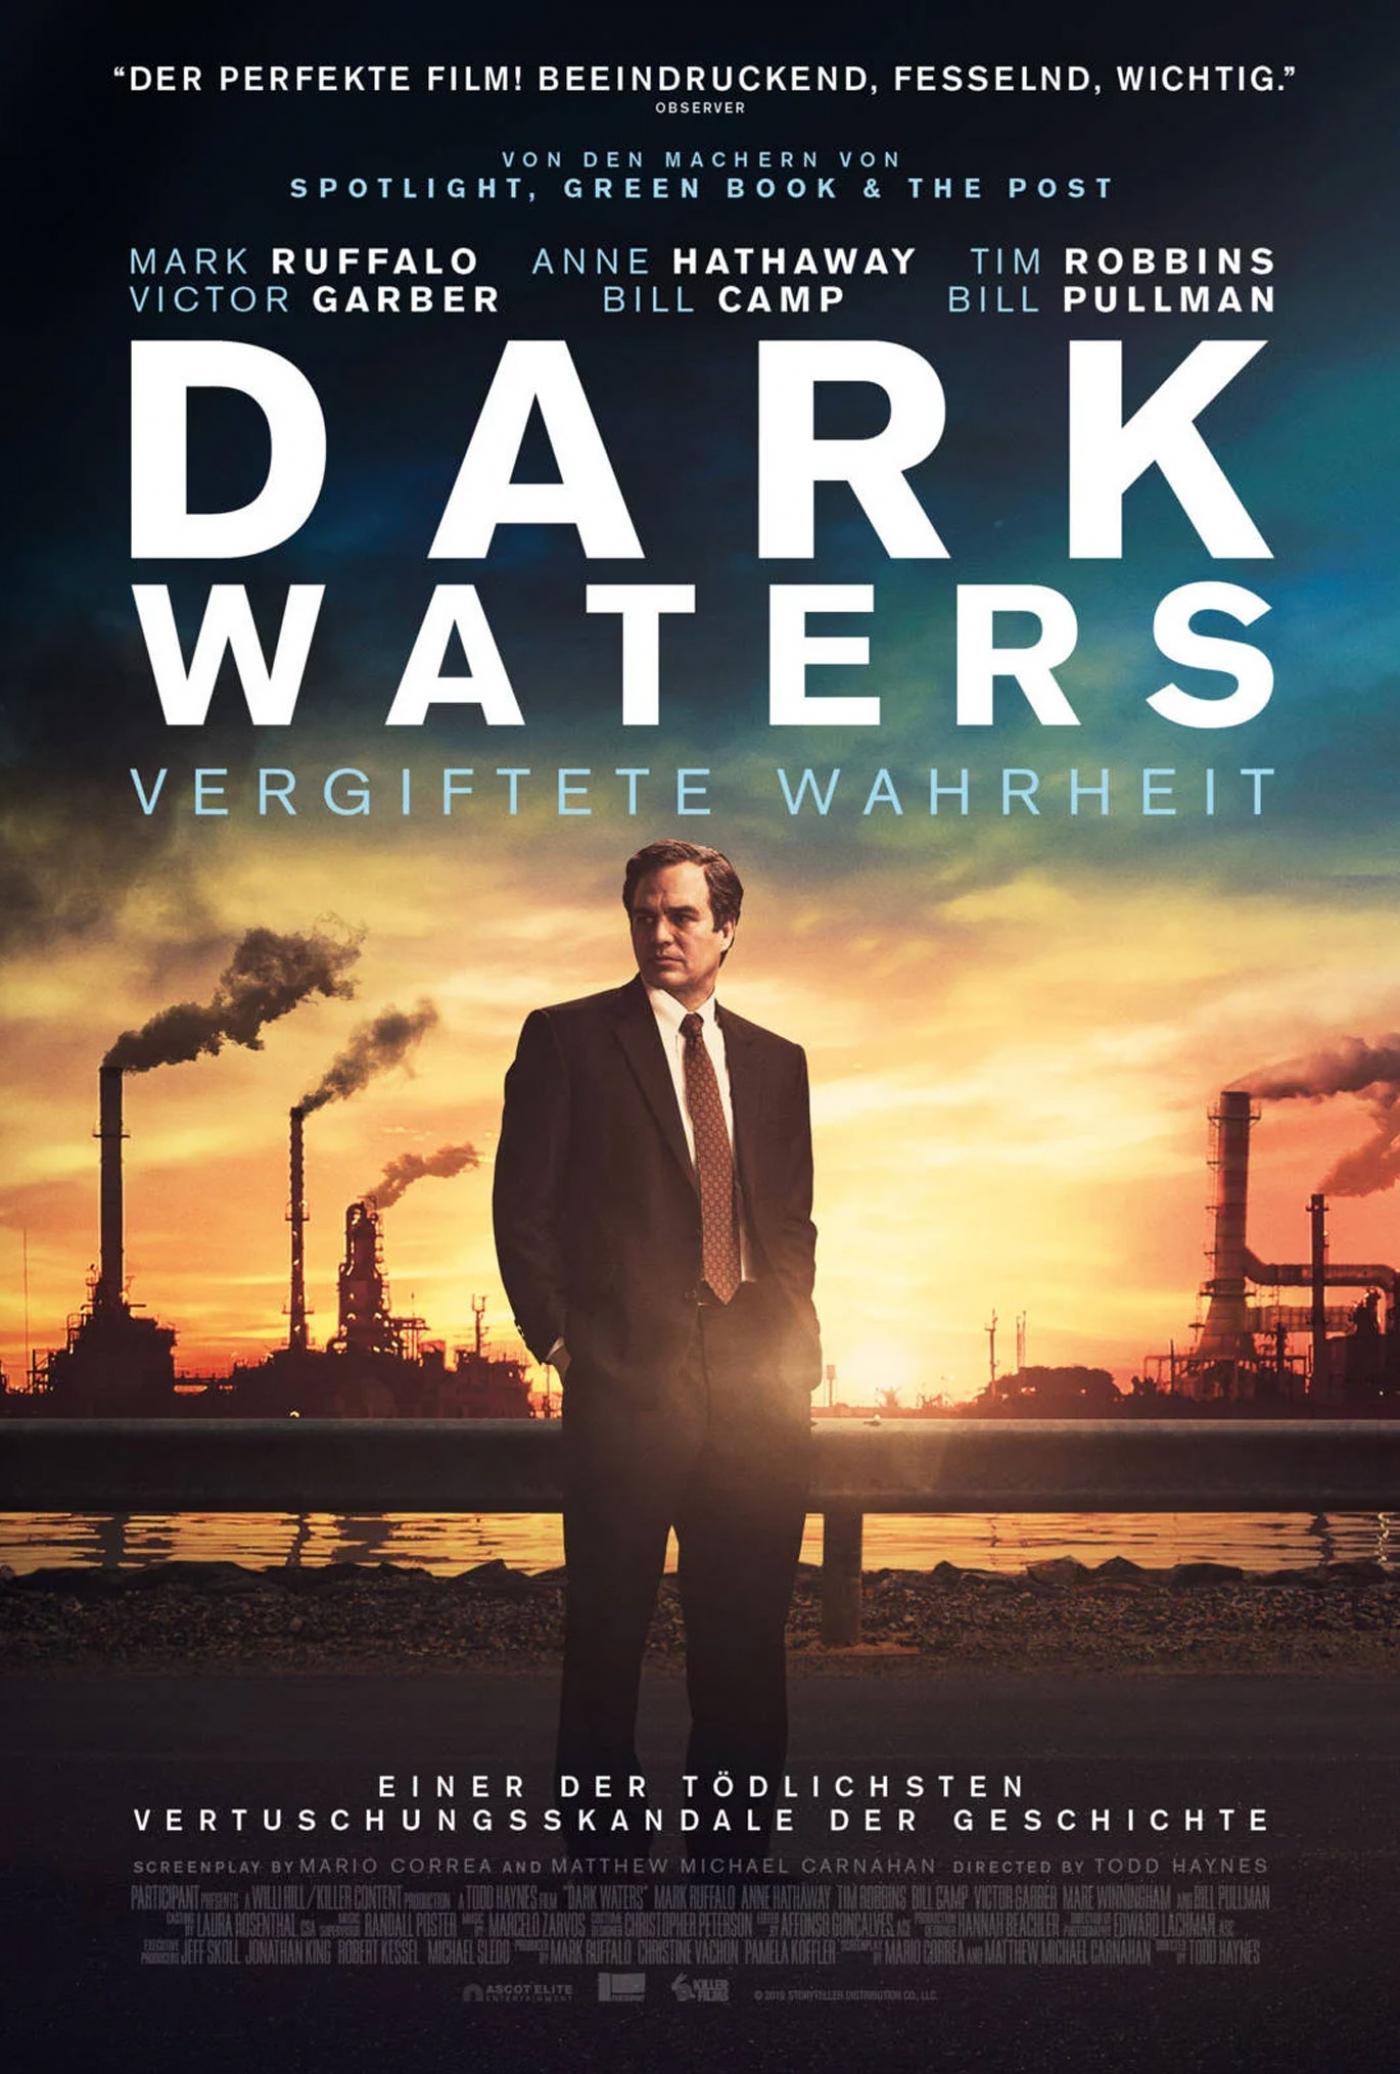 DARK WATERS-VERGIFTETE WAHRHEIT